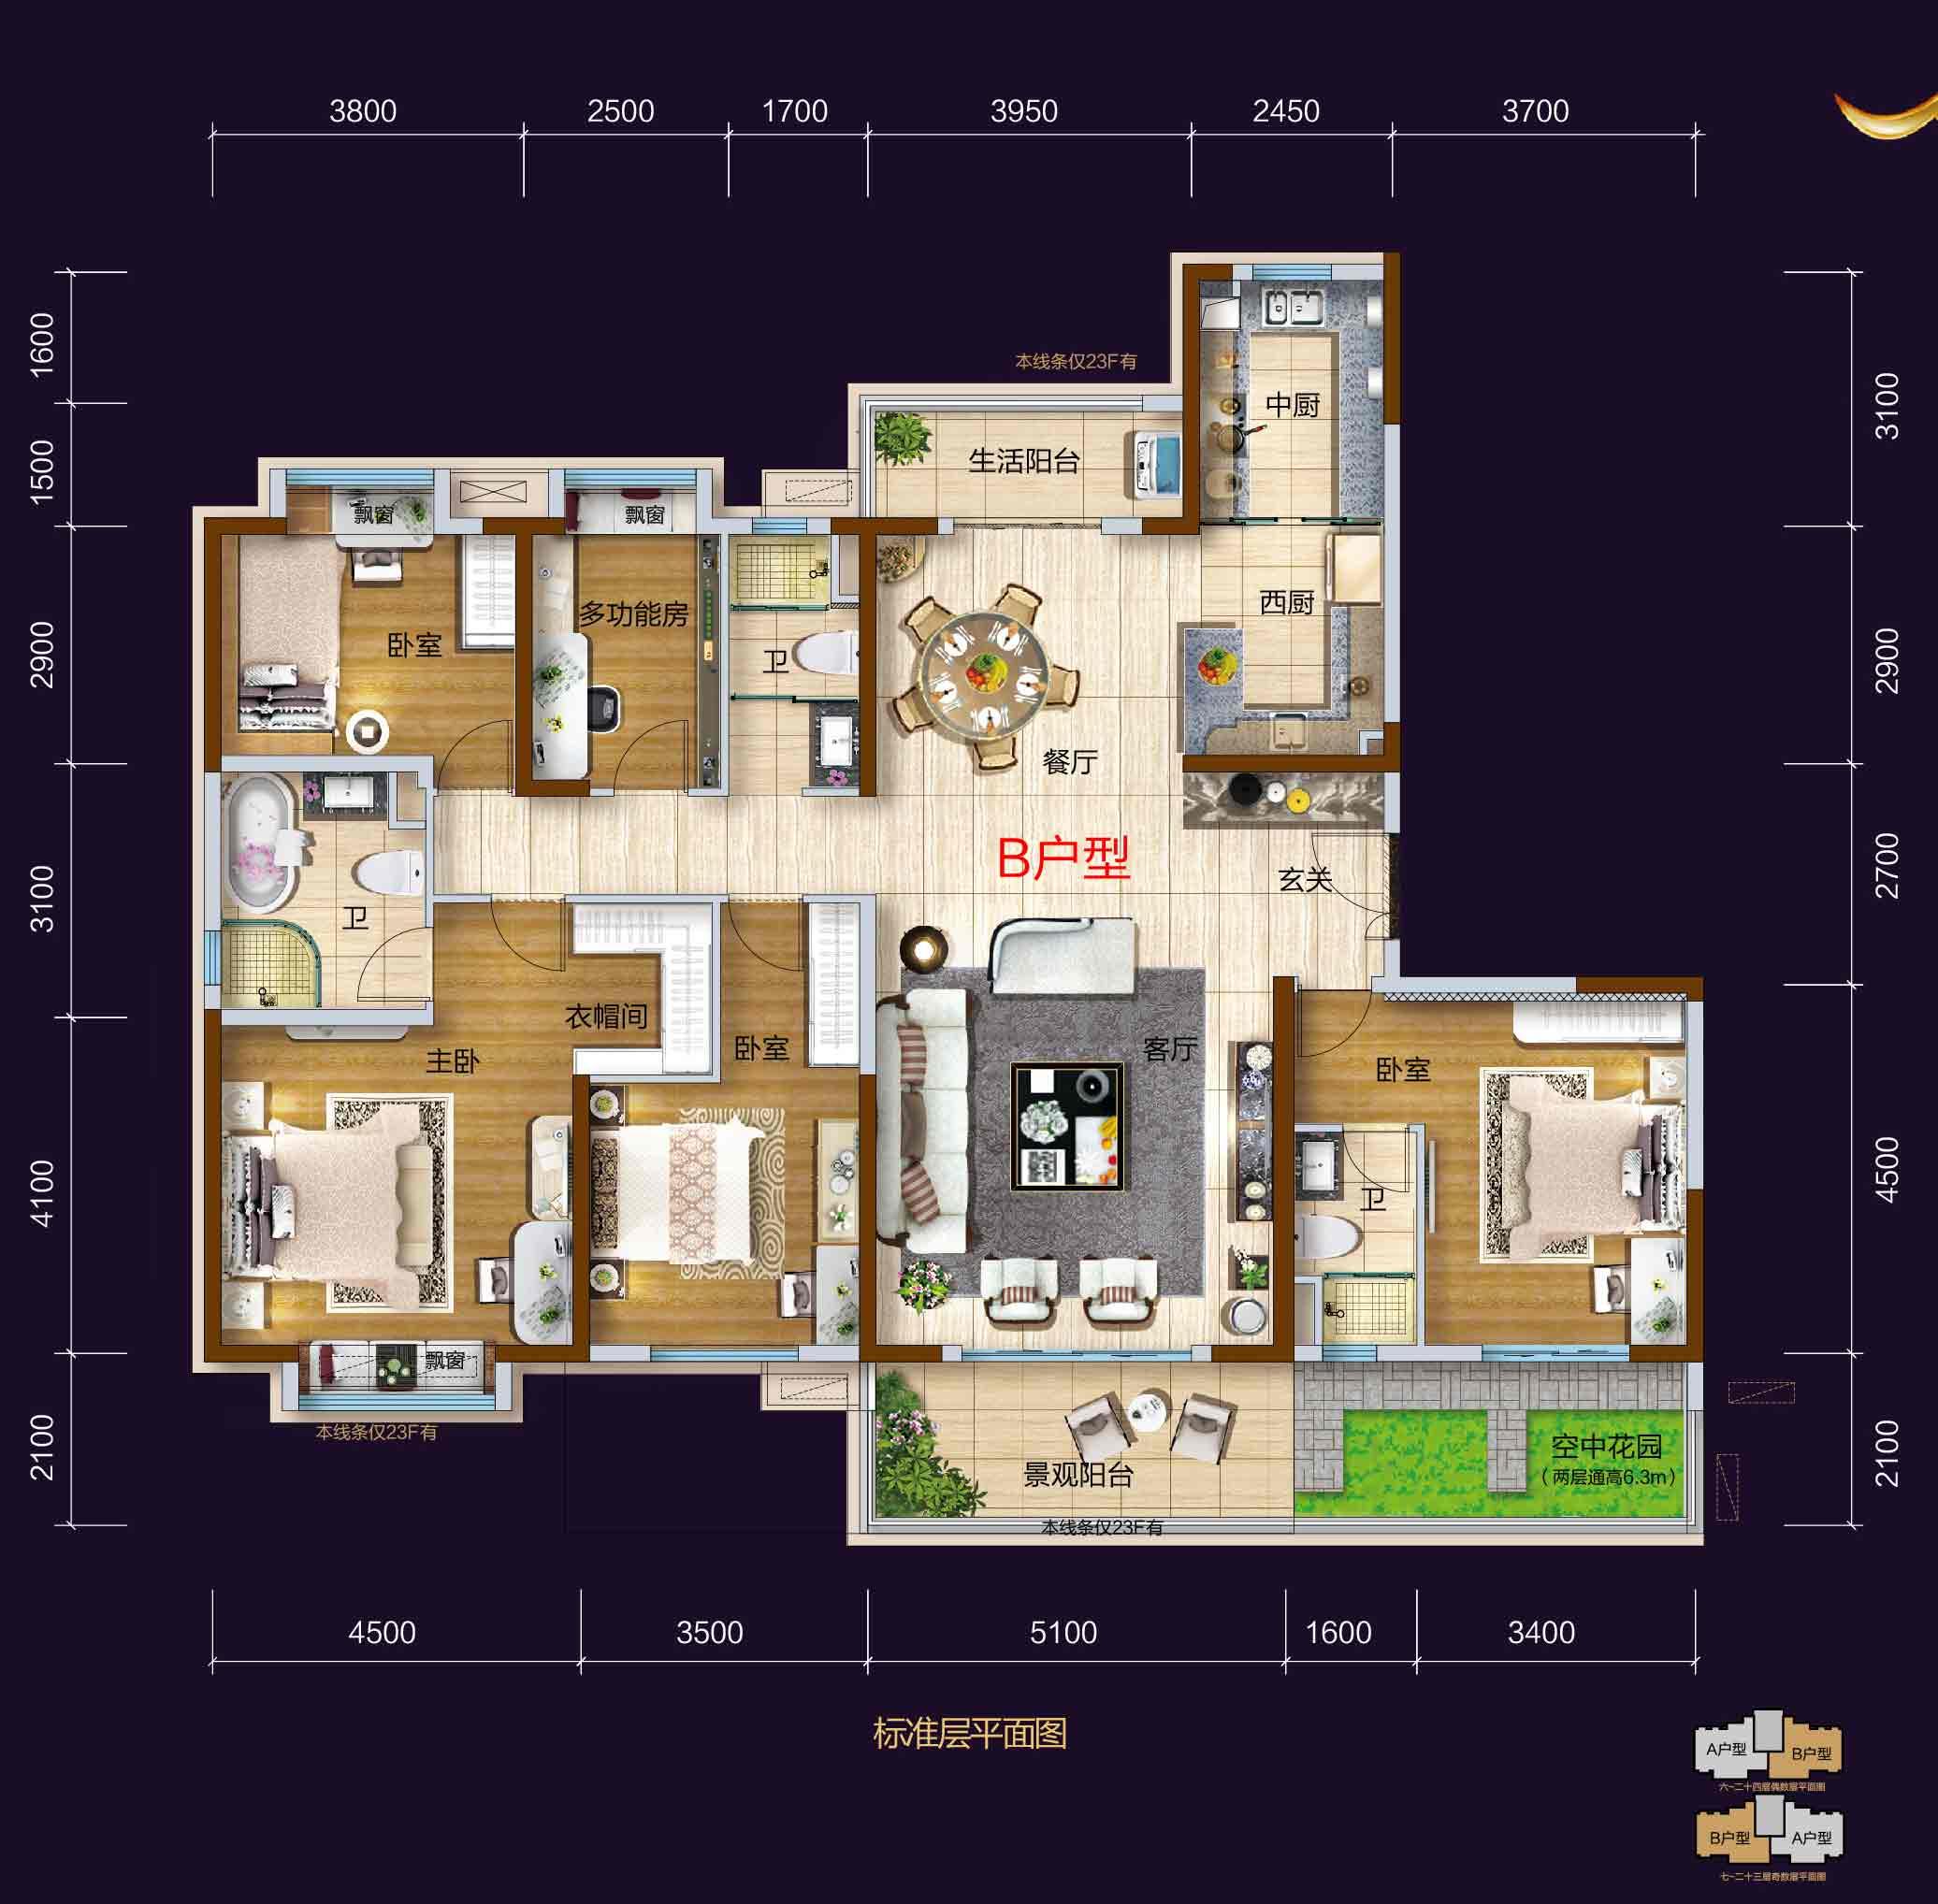 长阳碧桂园长阳碧桂园B户型图-5室2厅户型图